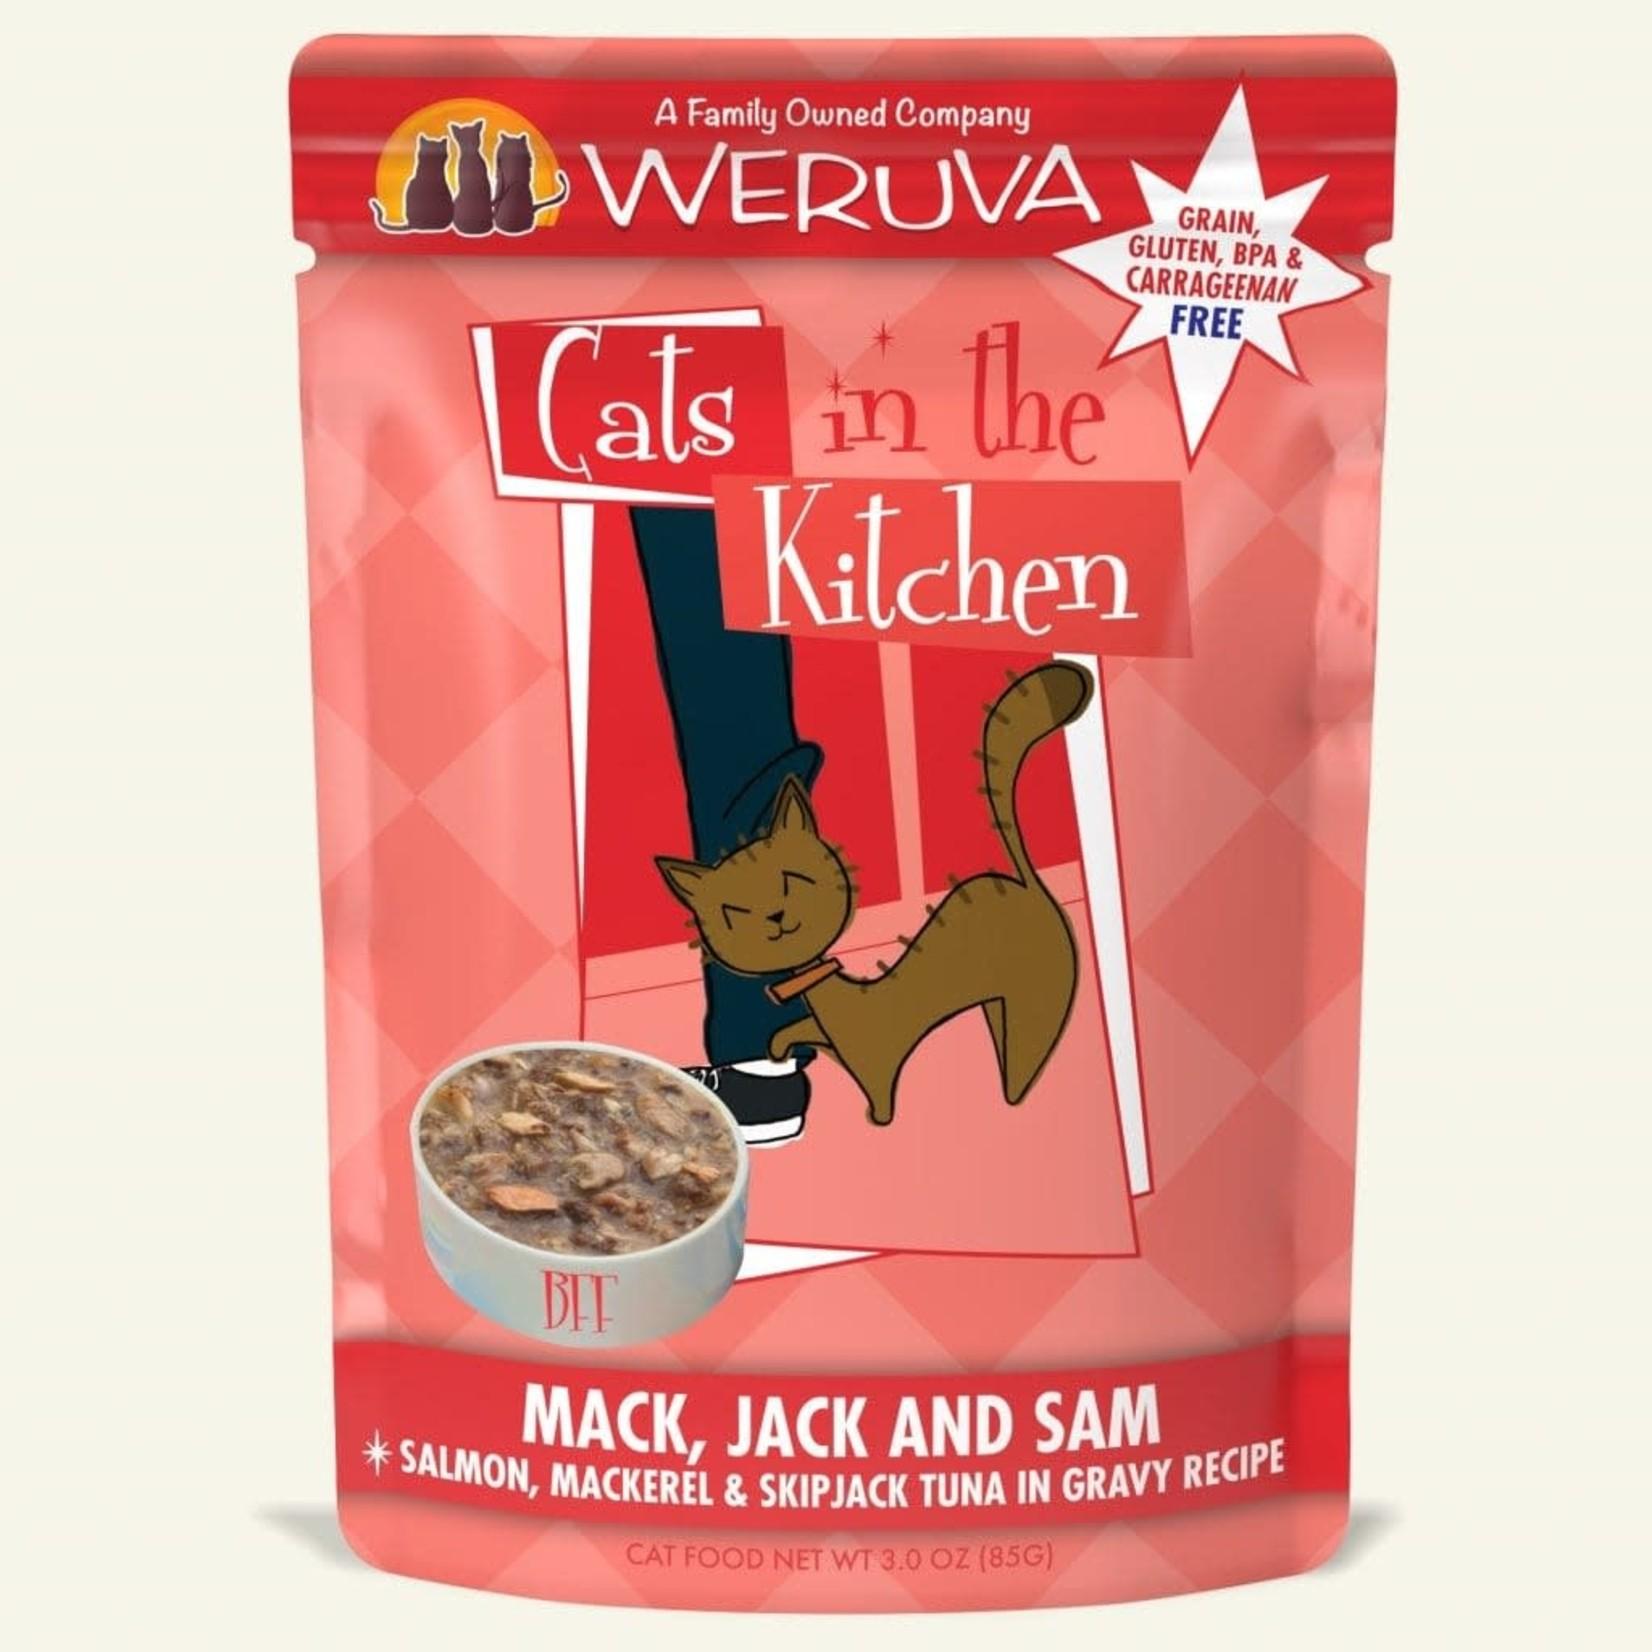 Weruva Inc. Cats In The Kitchen Mack, Jack & Sam 3 OZ Pouch